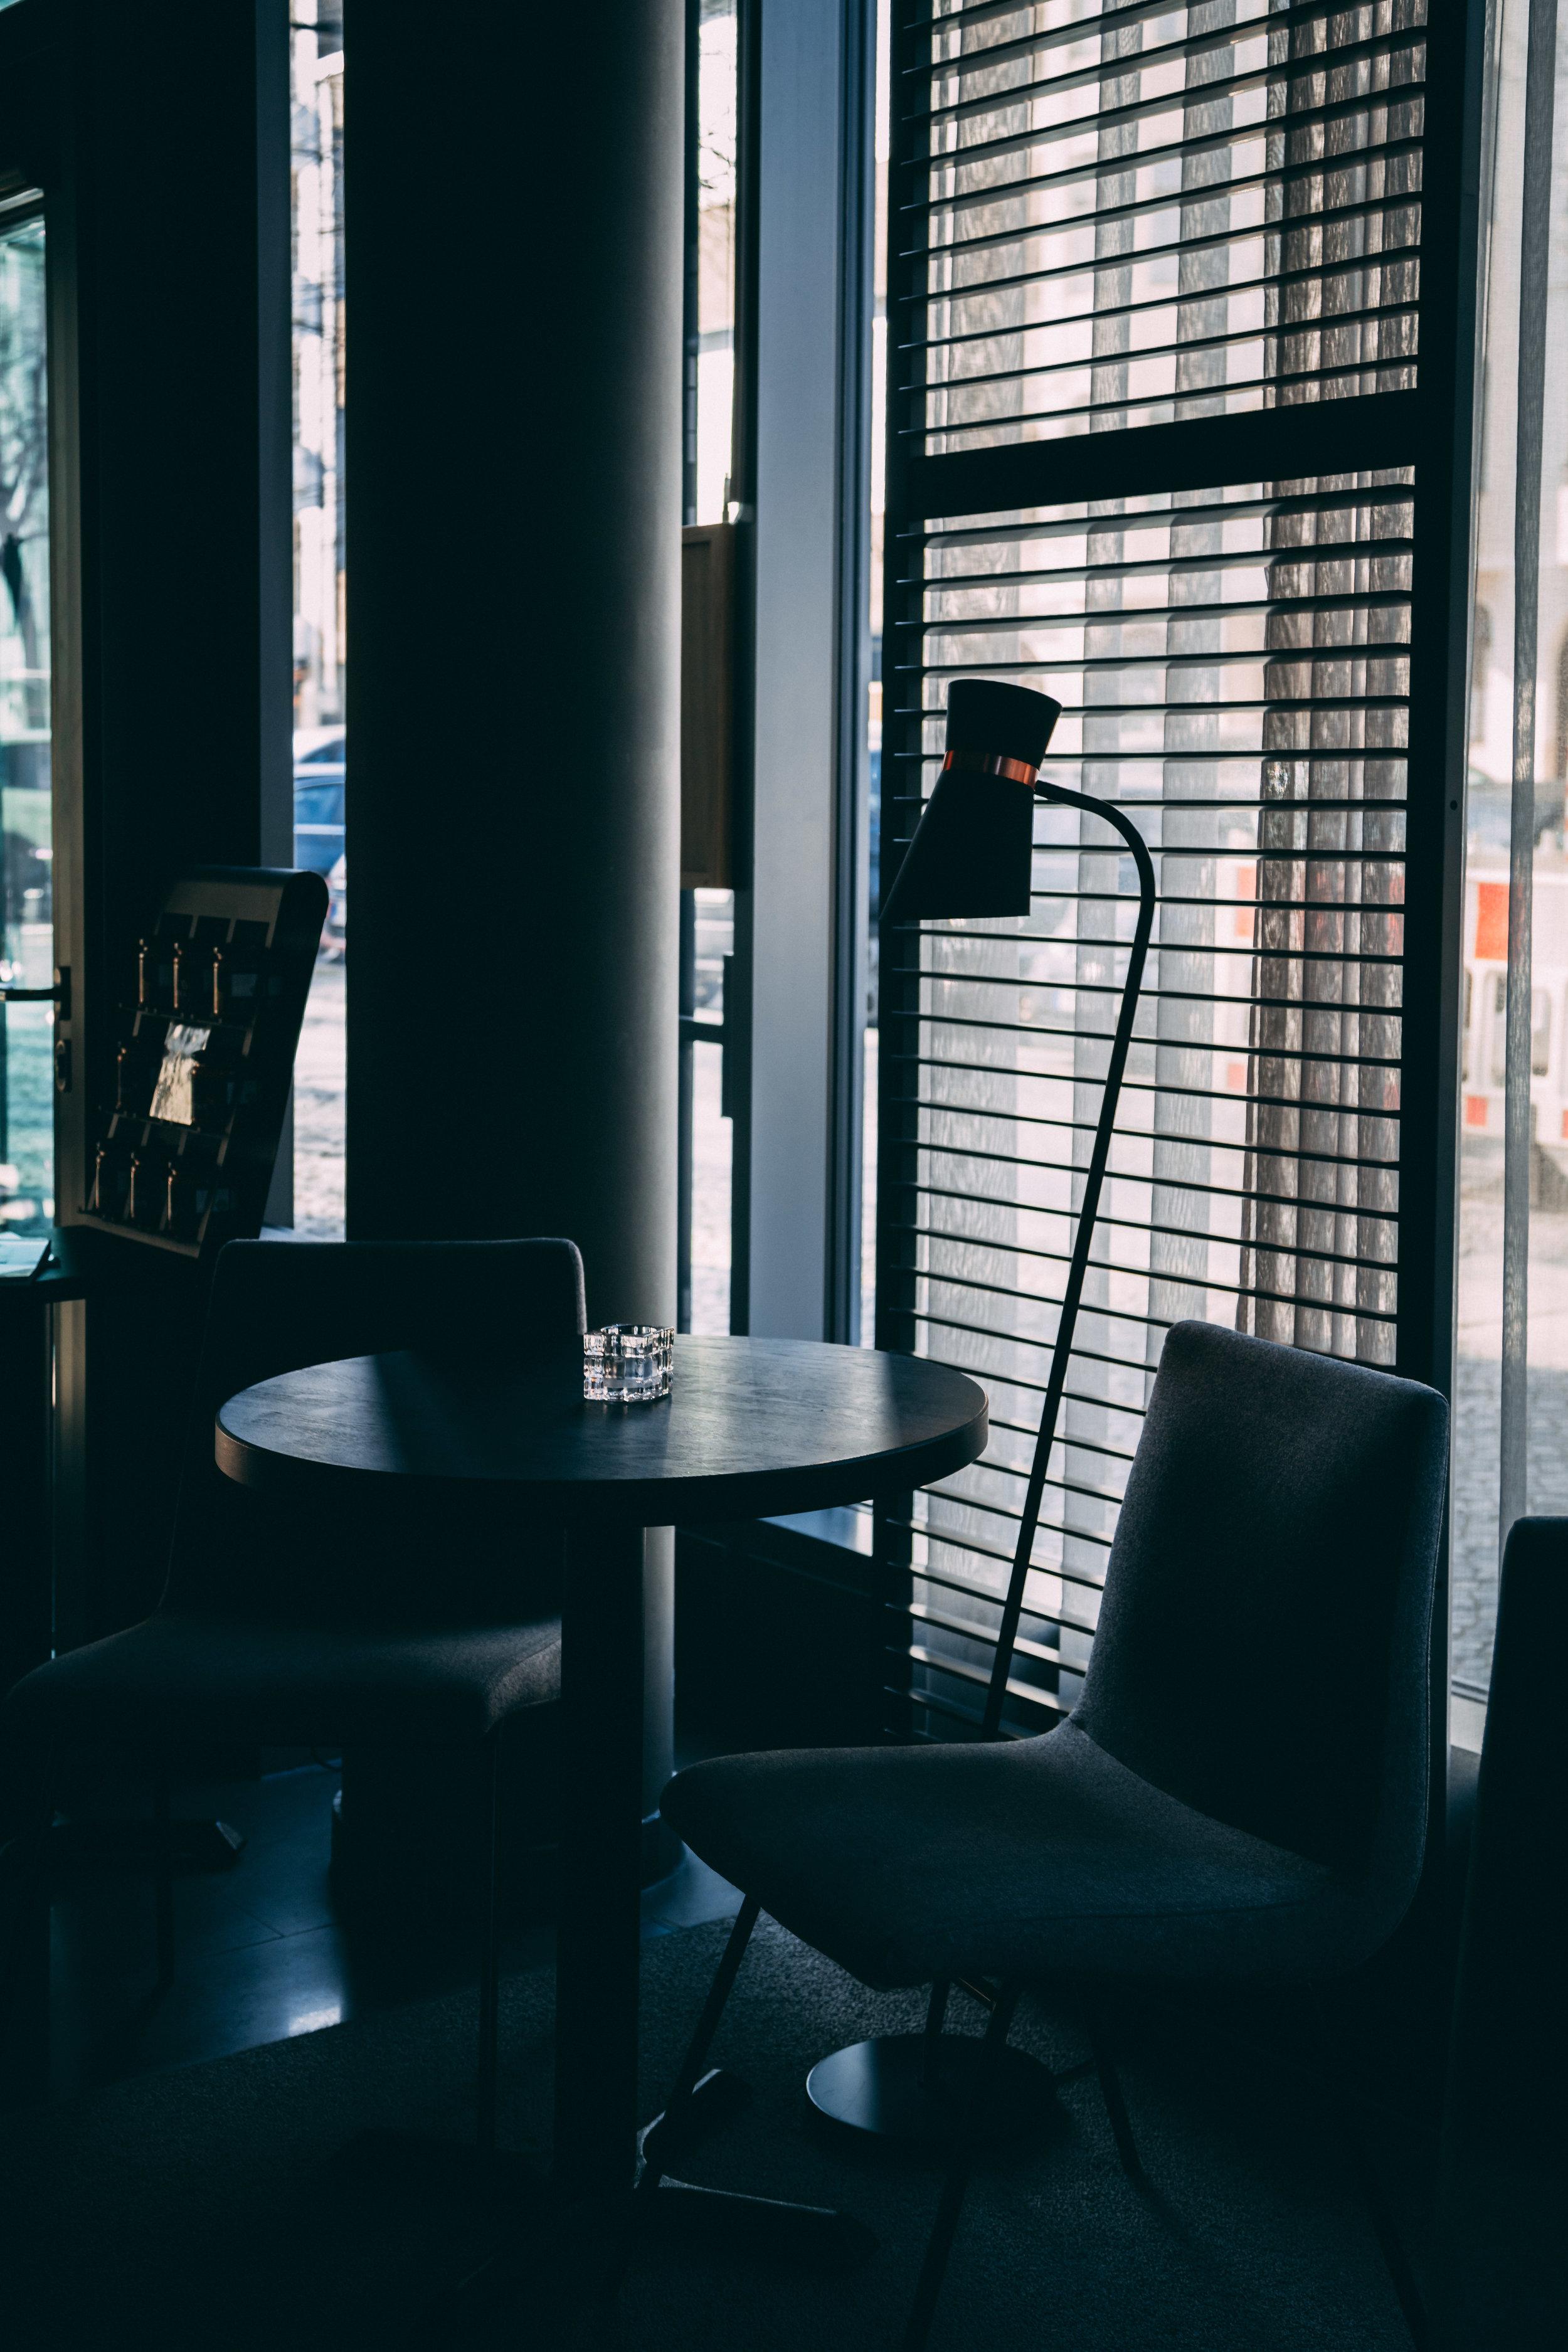 Sug-SeanxPaulaPotry-Hotellok80-Berlin-3.jpg